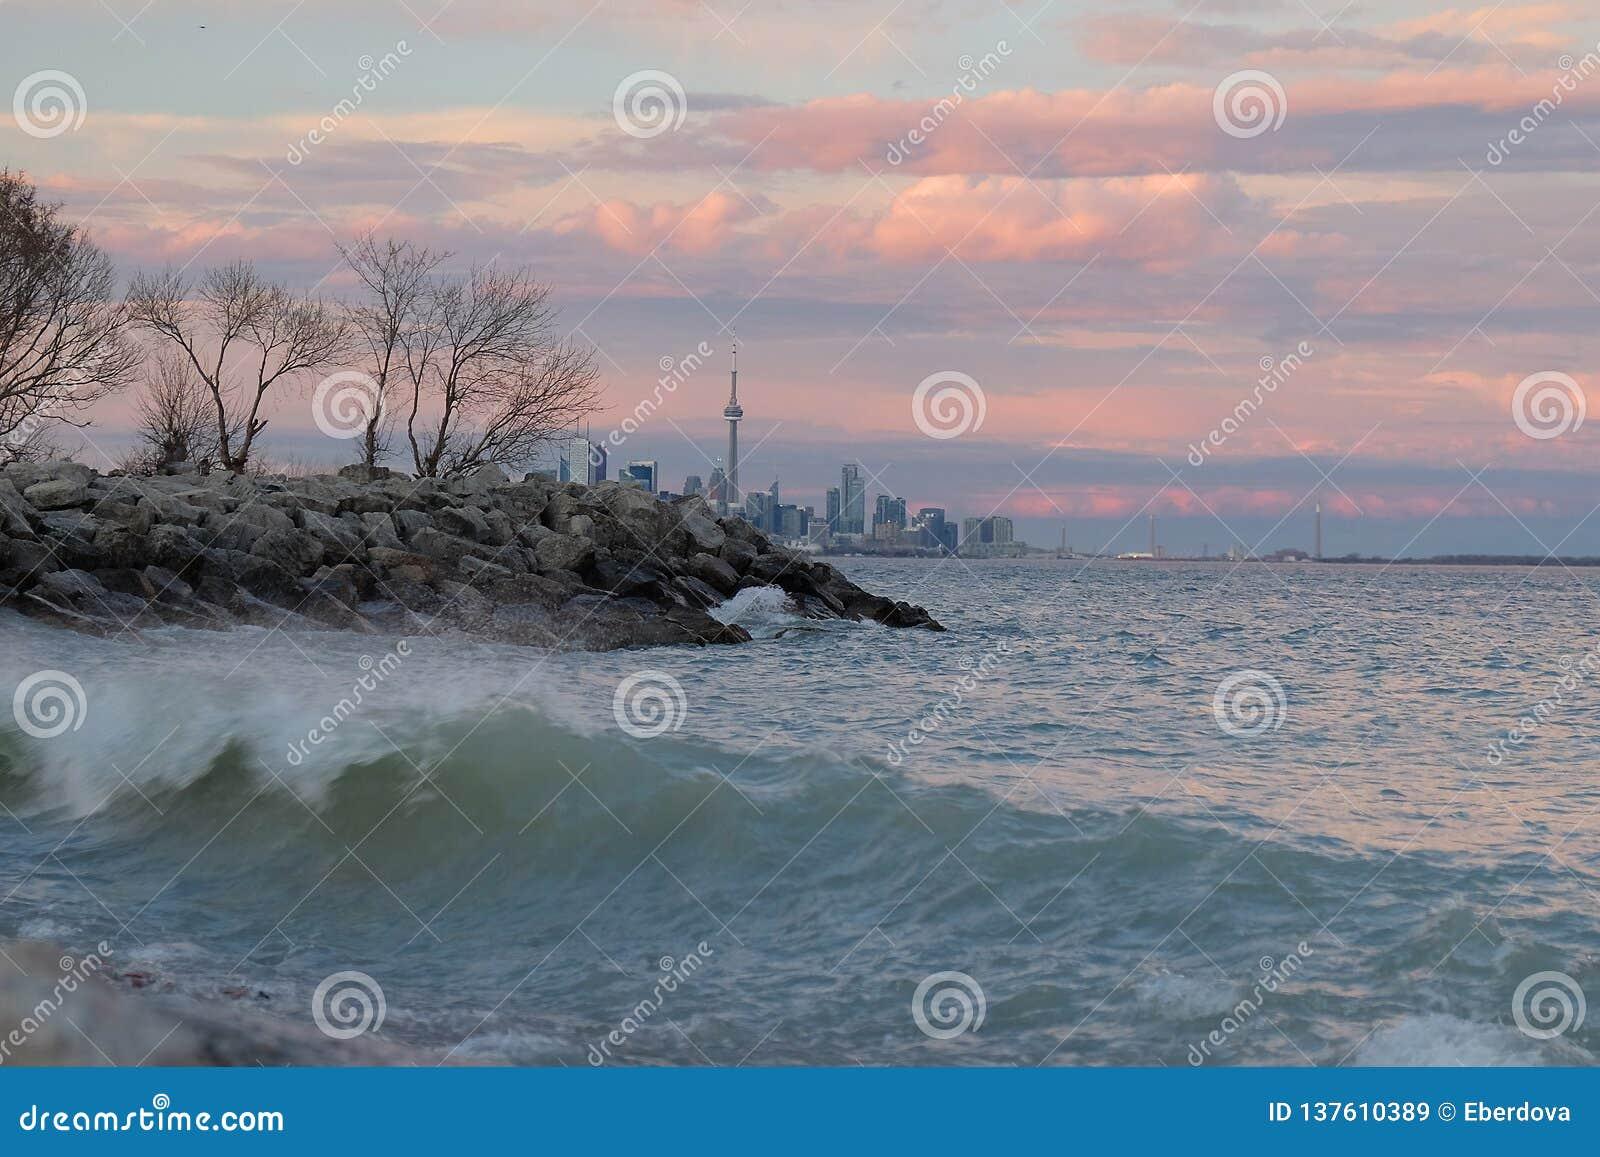 日落的安大略湖与多伦多市地平线和加拿大国家电视塔在背景中